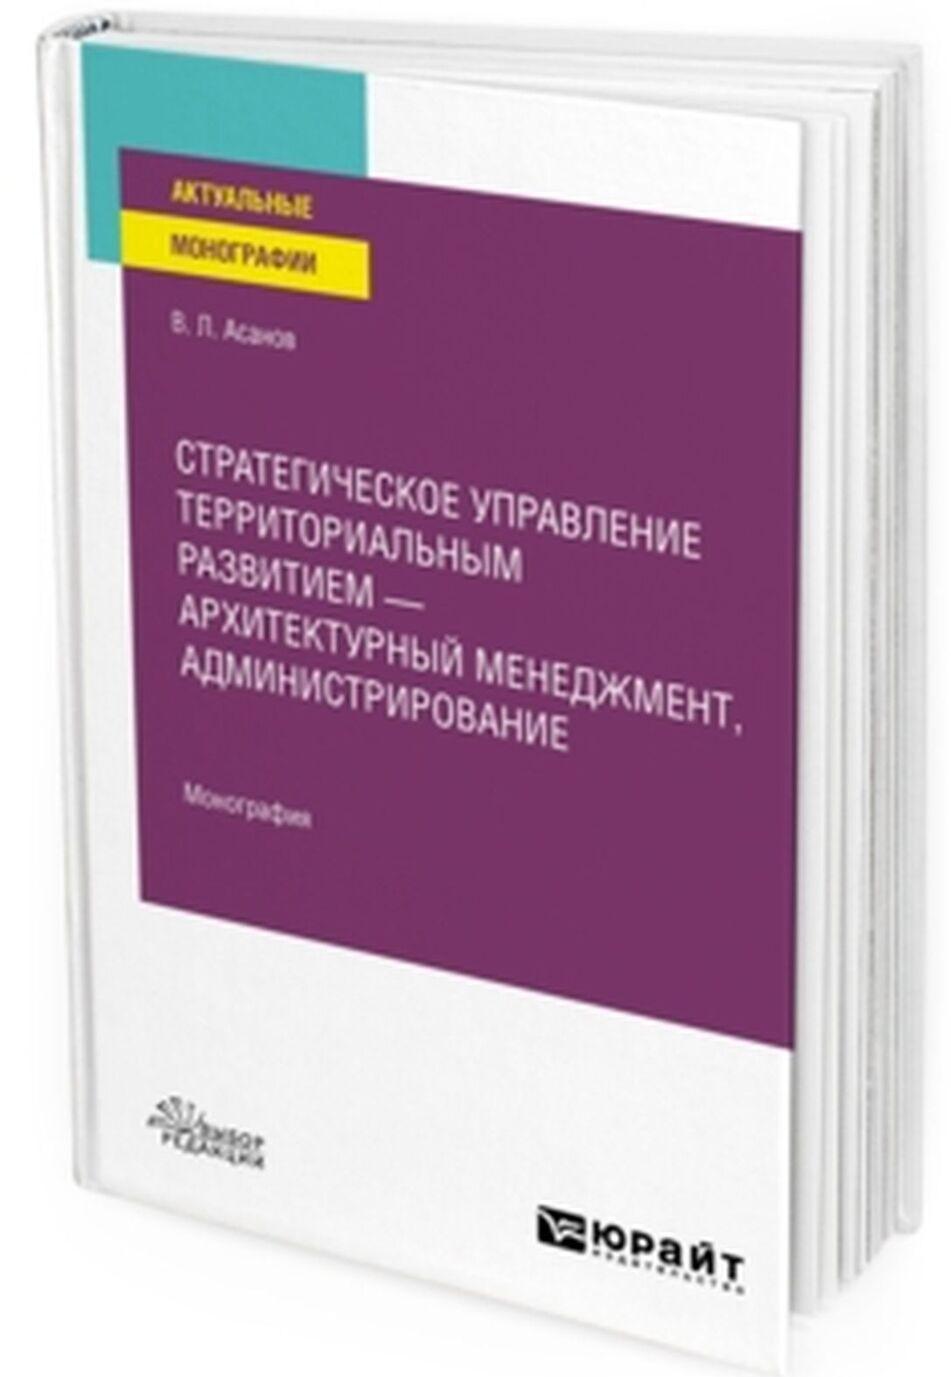 Strategicheskoe upravlenie territorialnym razvitiem — arkhitekturnyj menedzhment, administrirovanie. Monografija